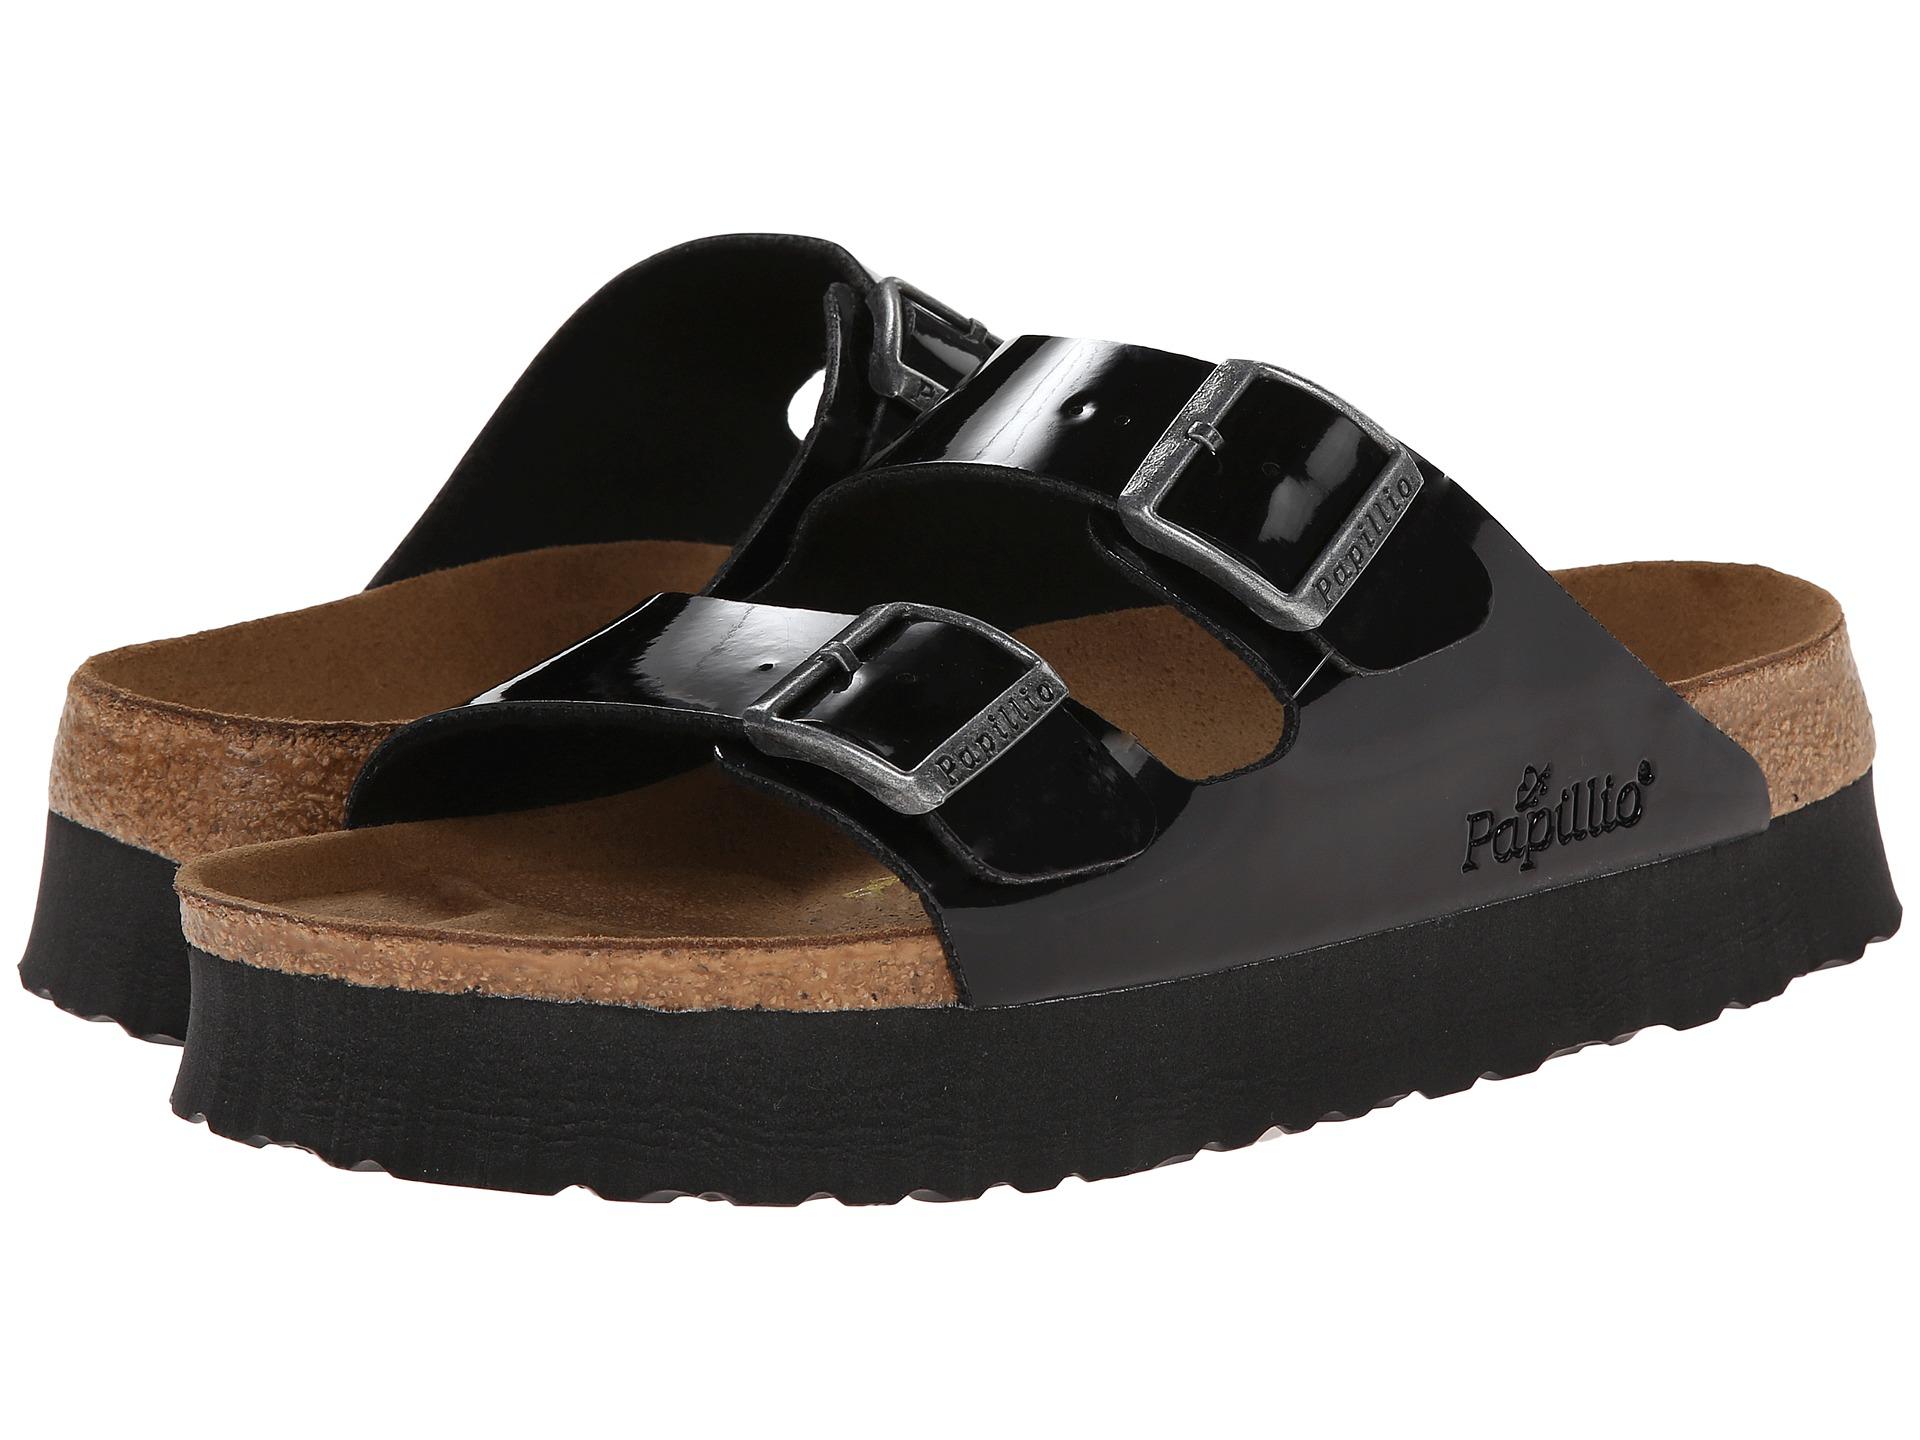 Birkenstock Walking Shoes